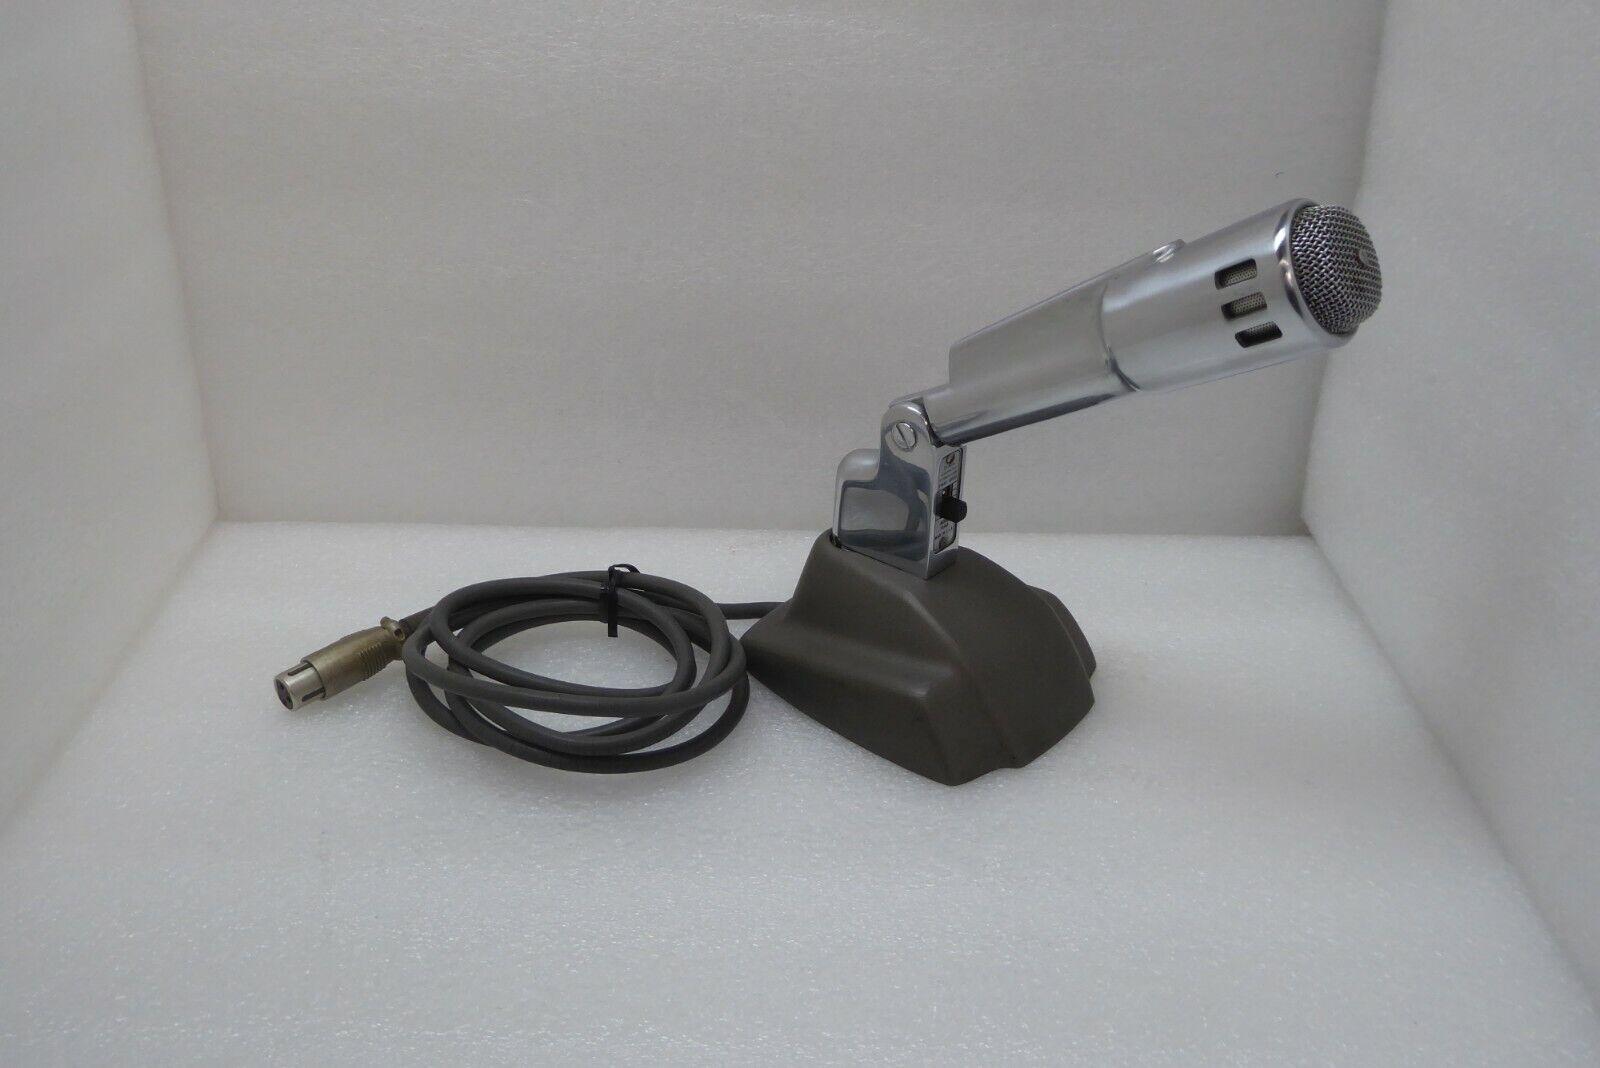 Du Kane 7A160 Electro Voice Mikrofon Working